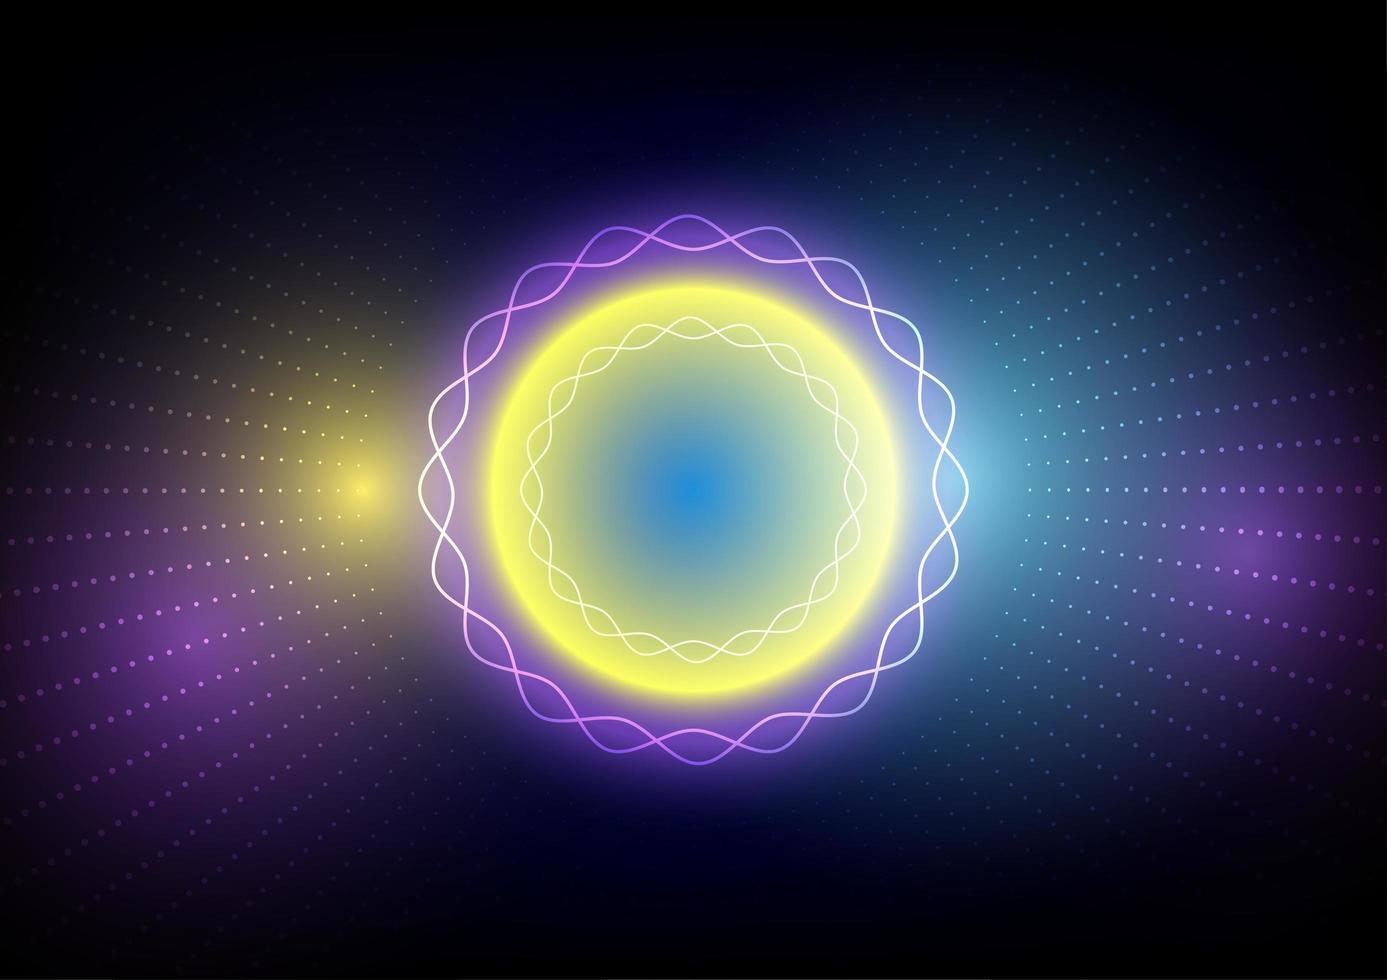 abstract kleurrijk licht cirkel verbeelding ontwerp vector